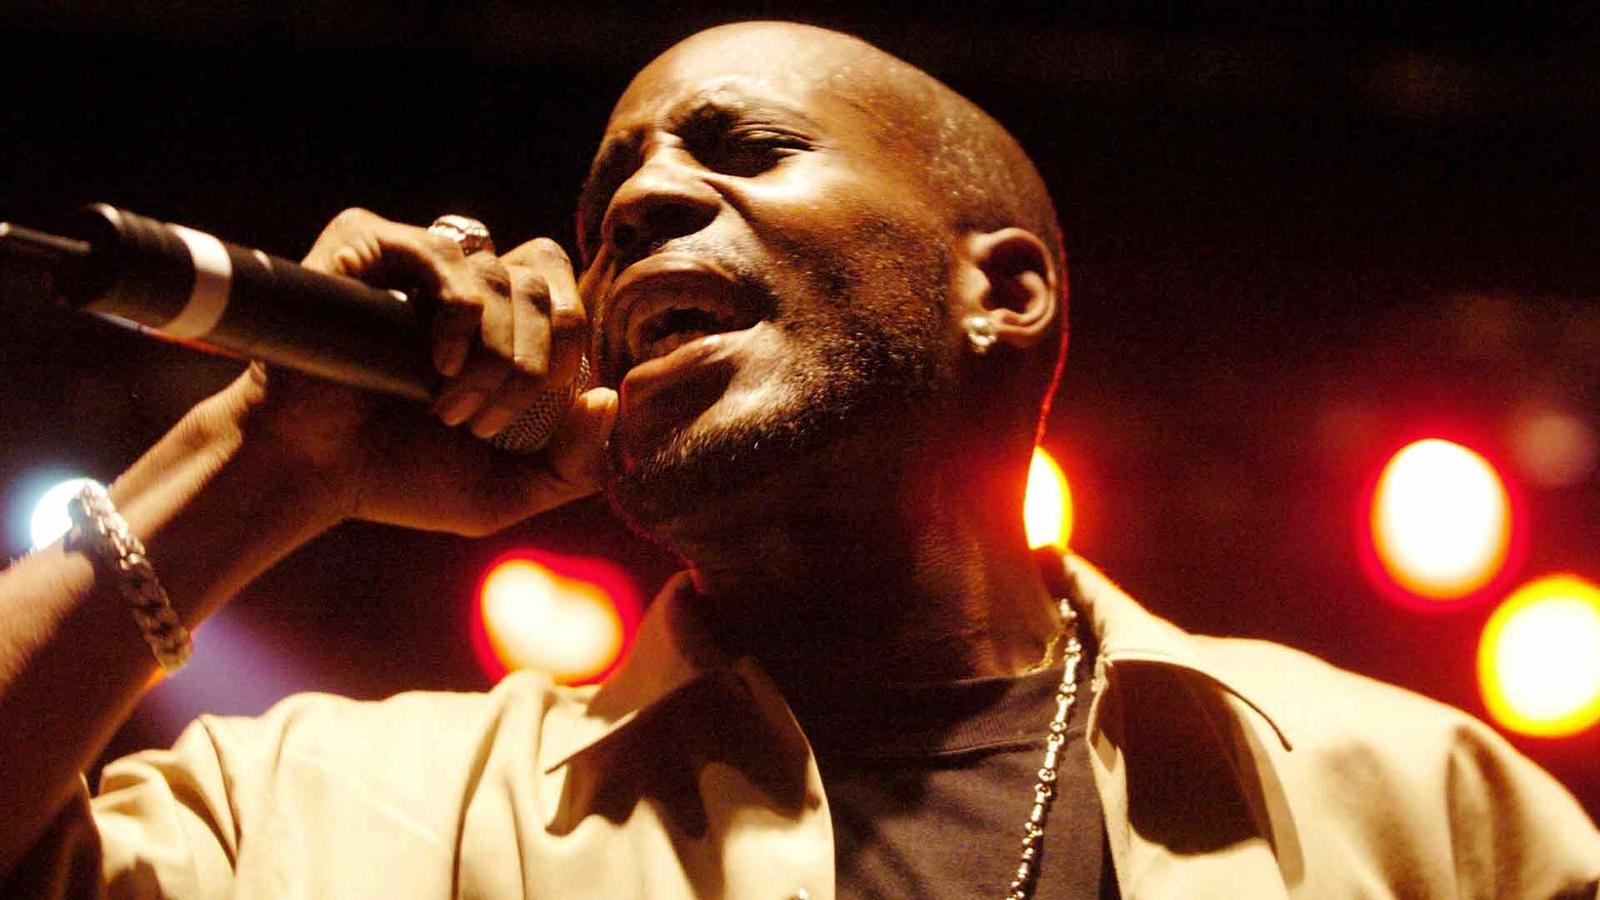 Reactions pour in following announcement of rapper DMX's death